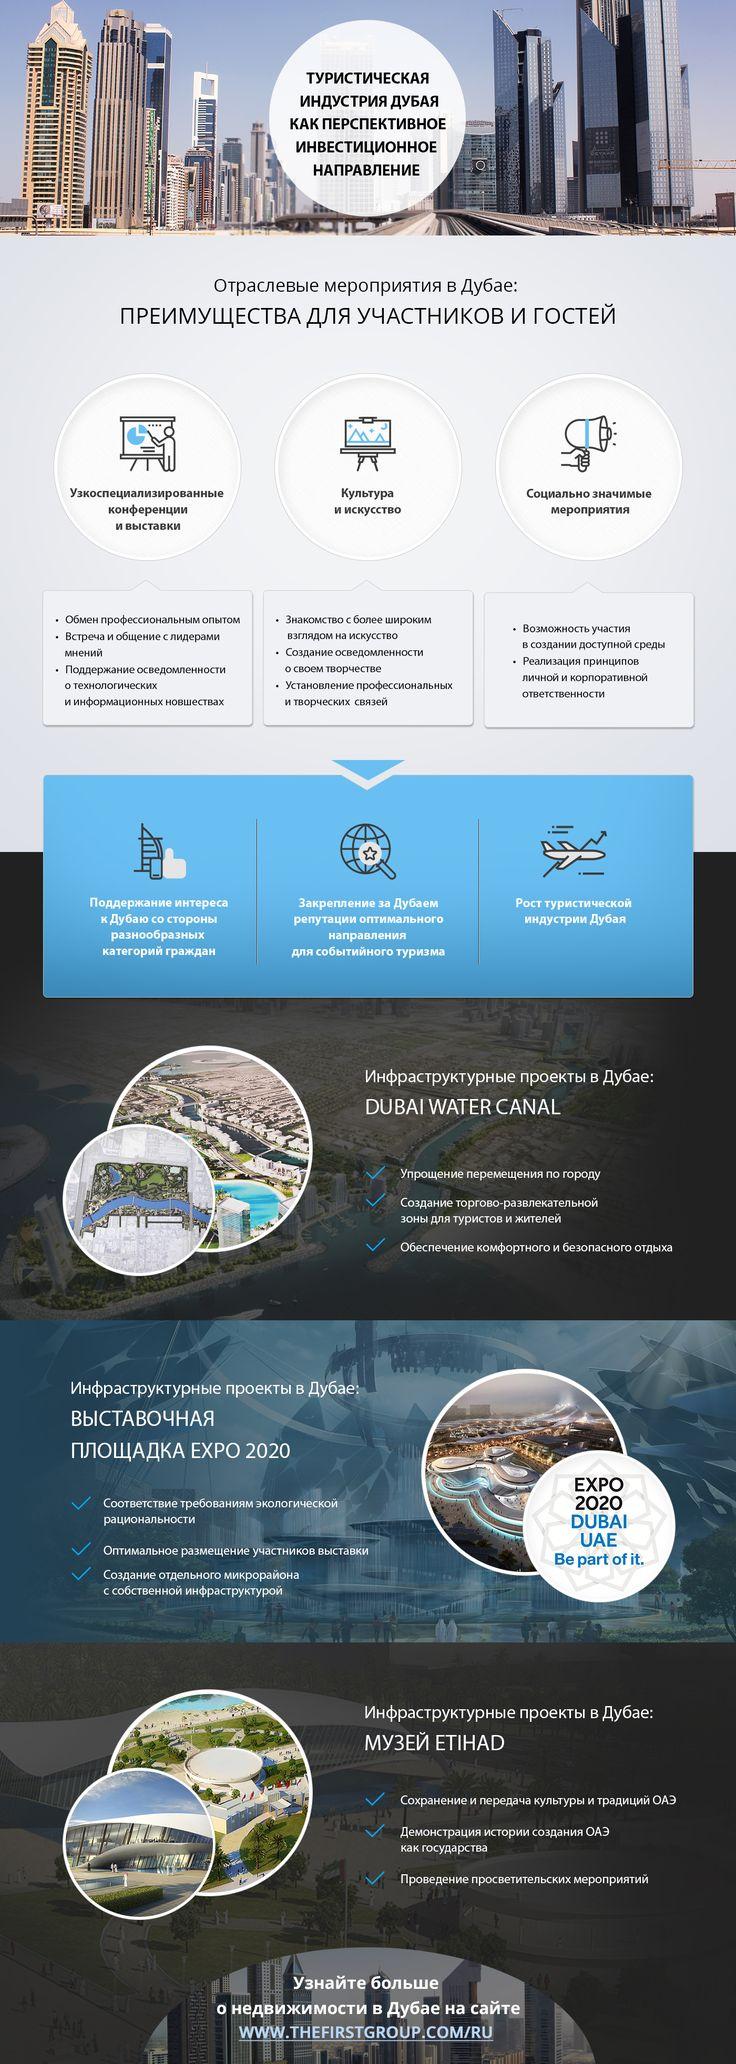 Туристическая индустрия Дубая как перспективное инвестиционное направление